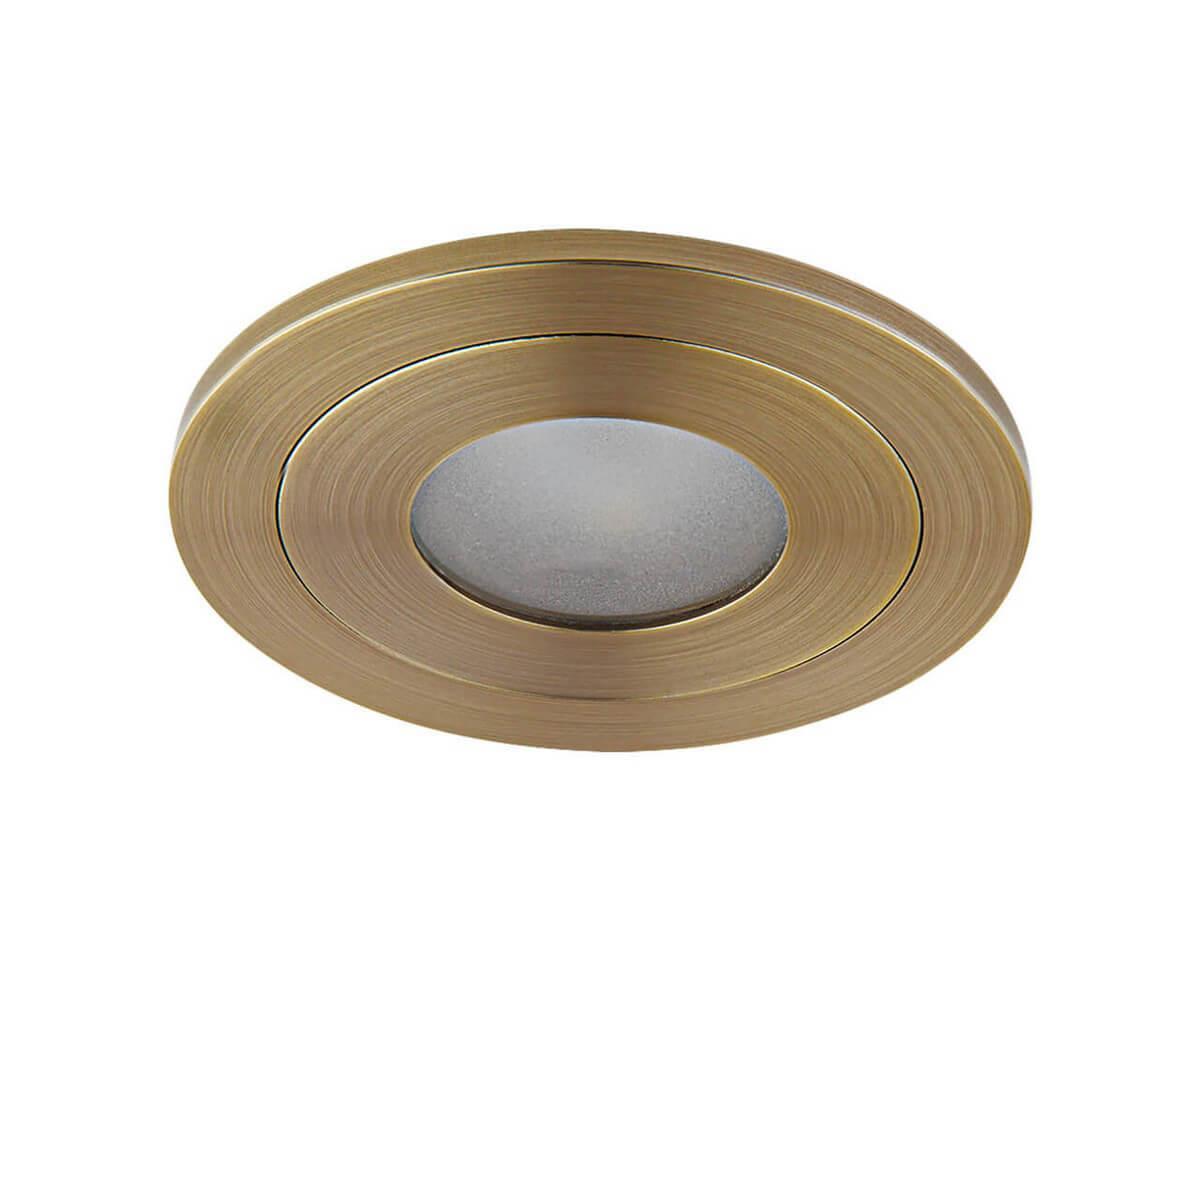 Встраиваемый светильник Lightstar 212173, LED, 3 Вт встраиваемый светильник lightstar led 3 вт